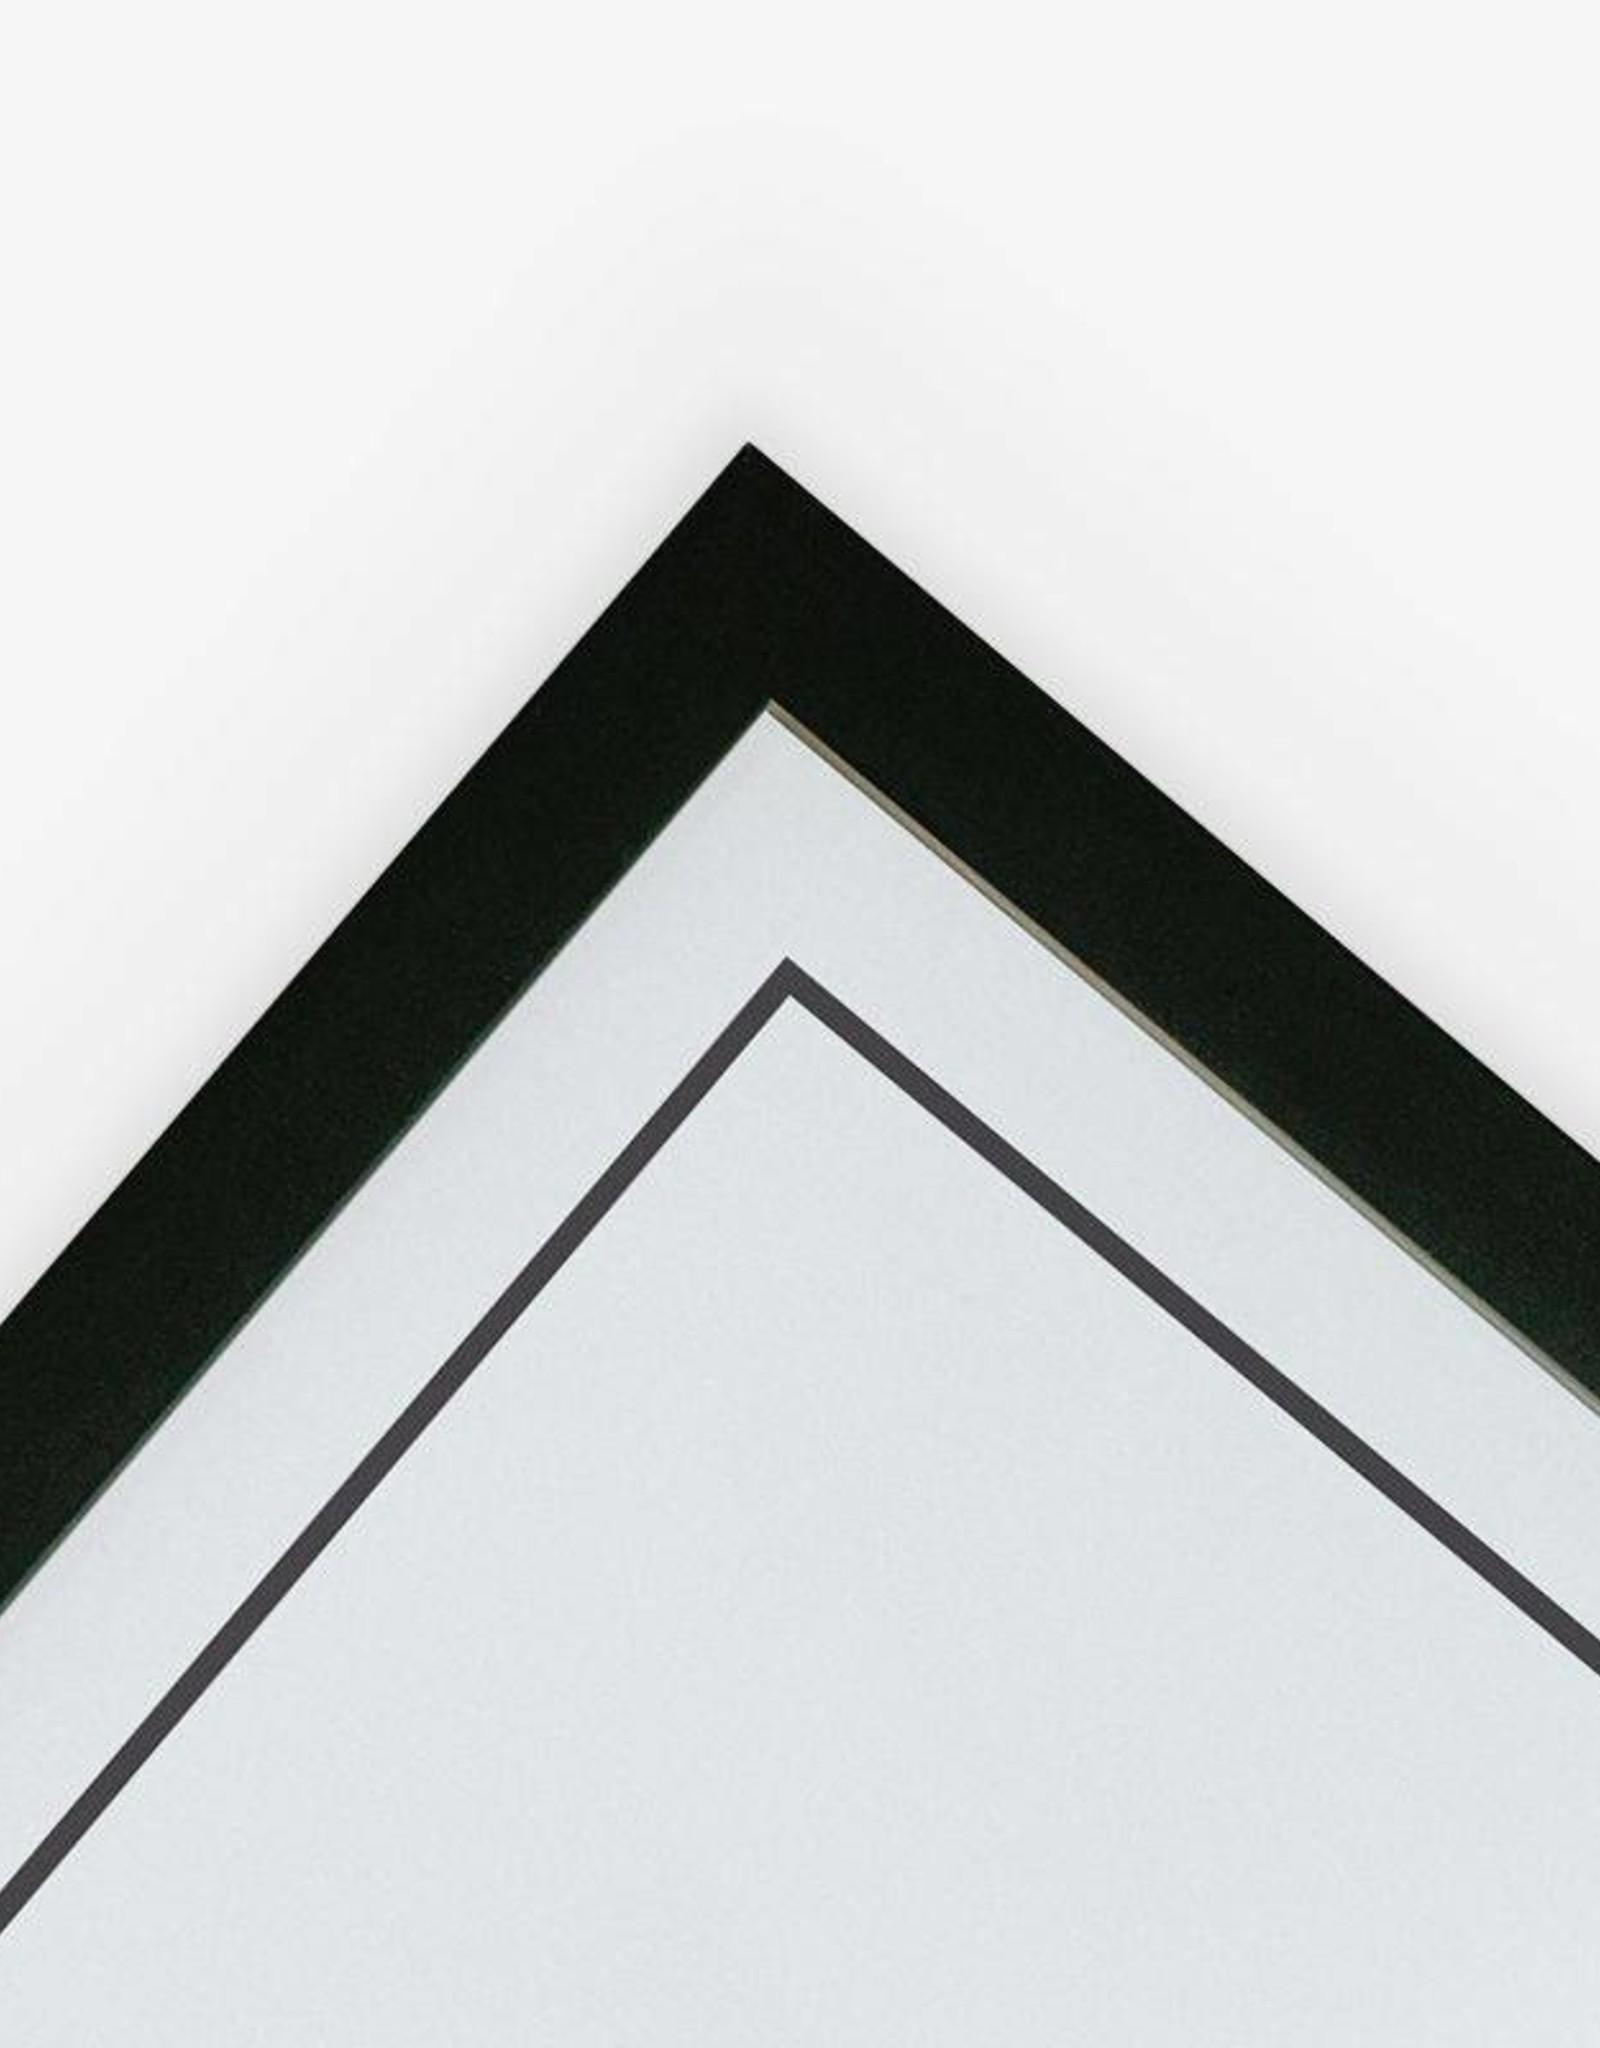 Wijck Wijck - Kader - 40x50 - Black frame